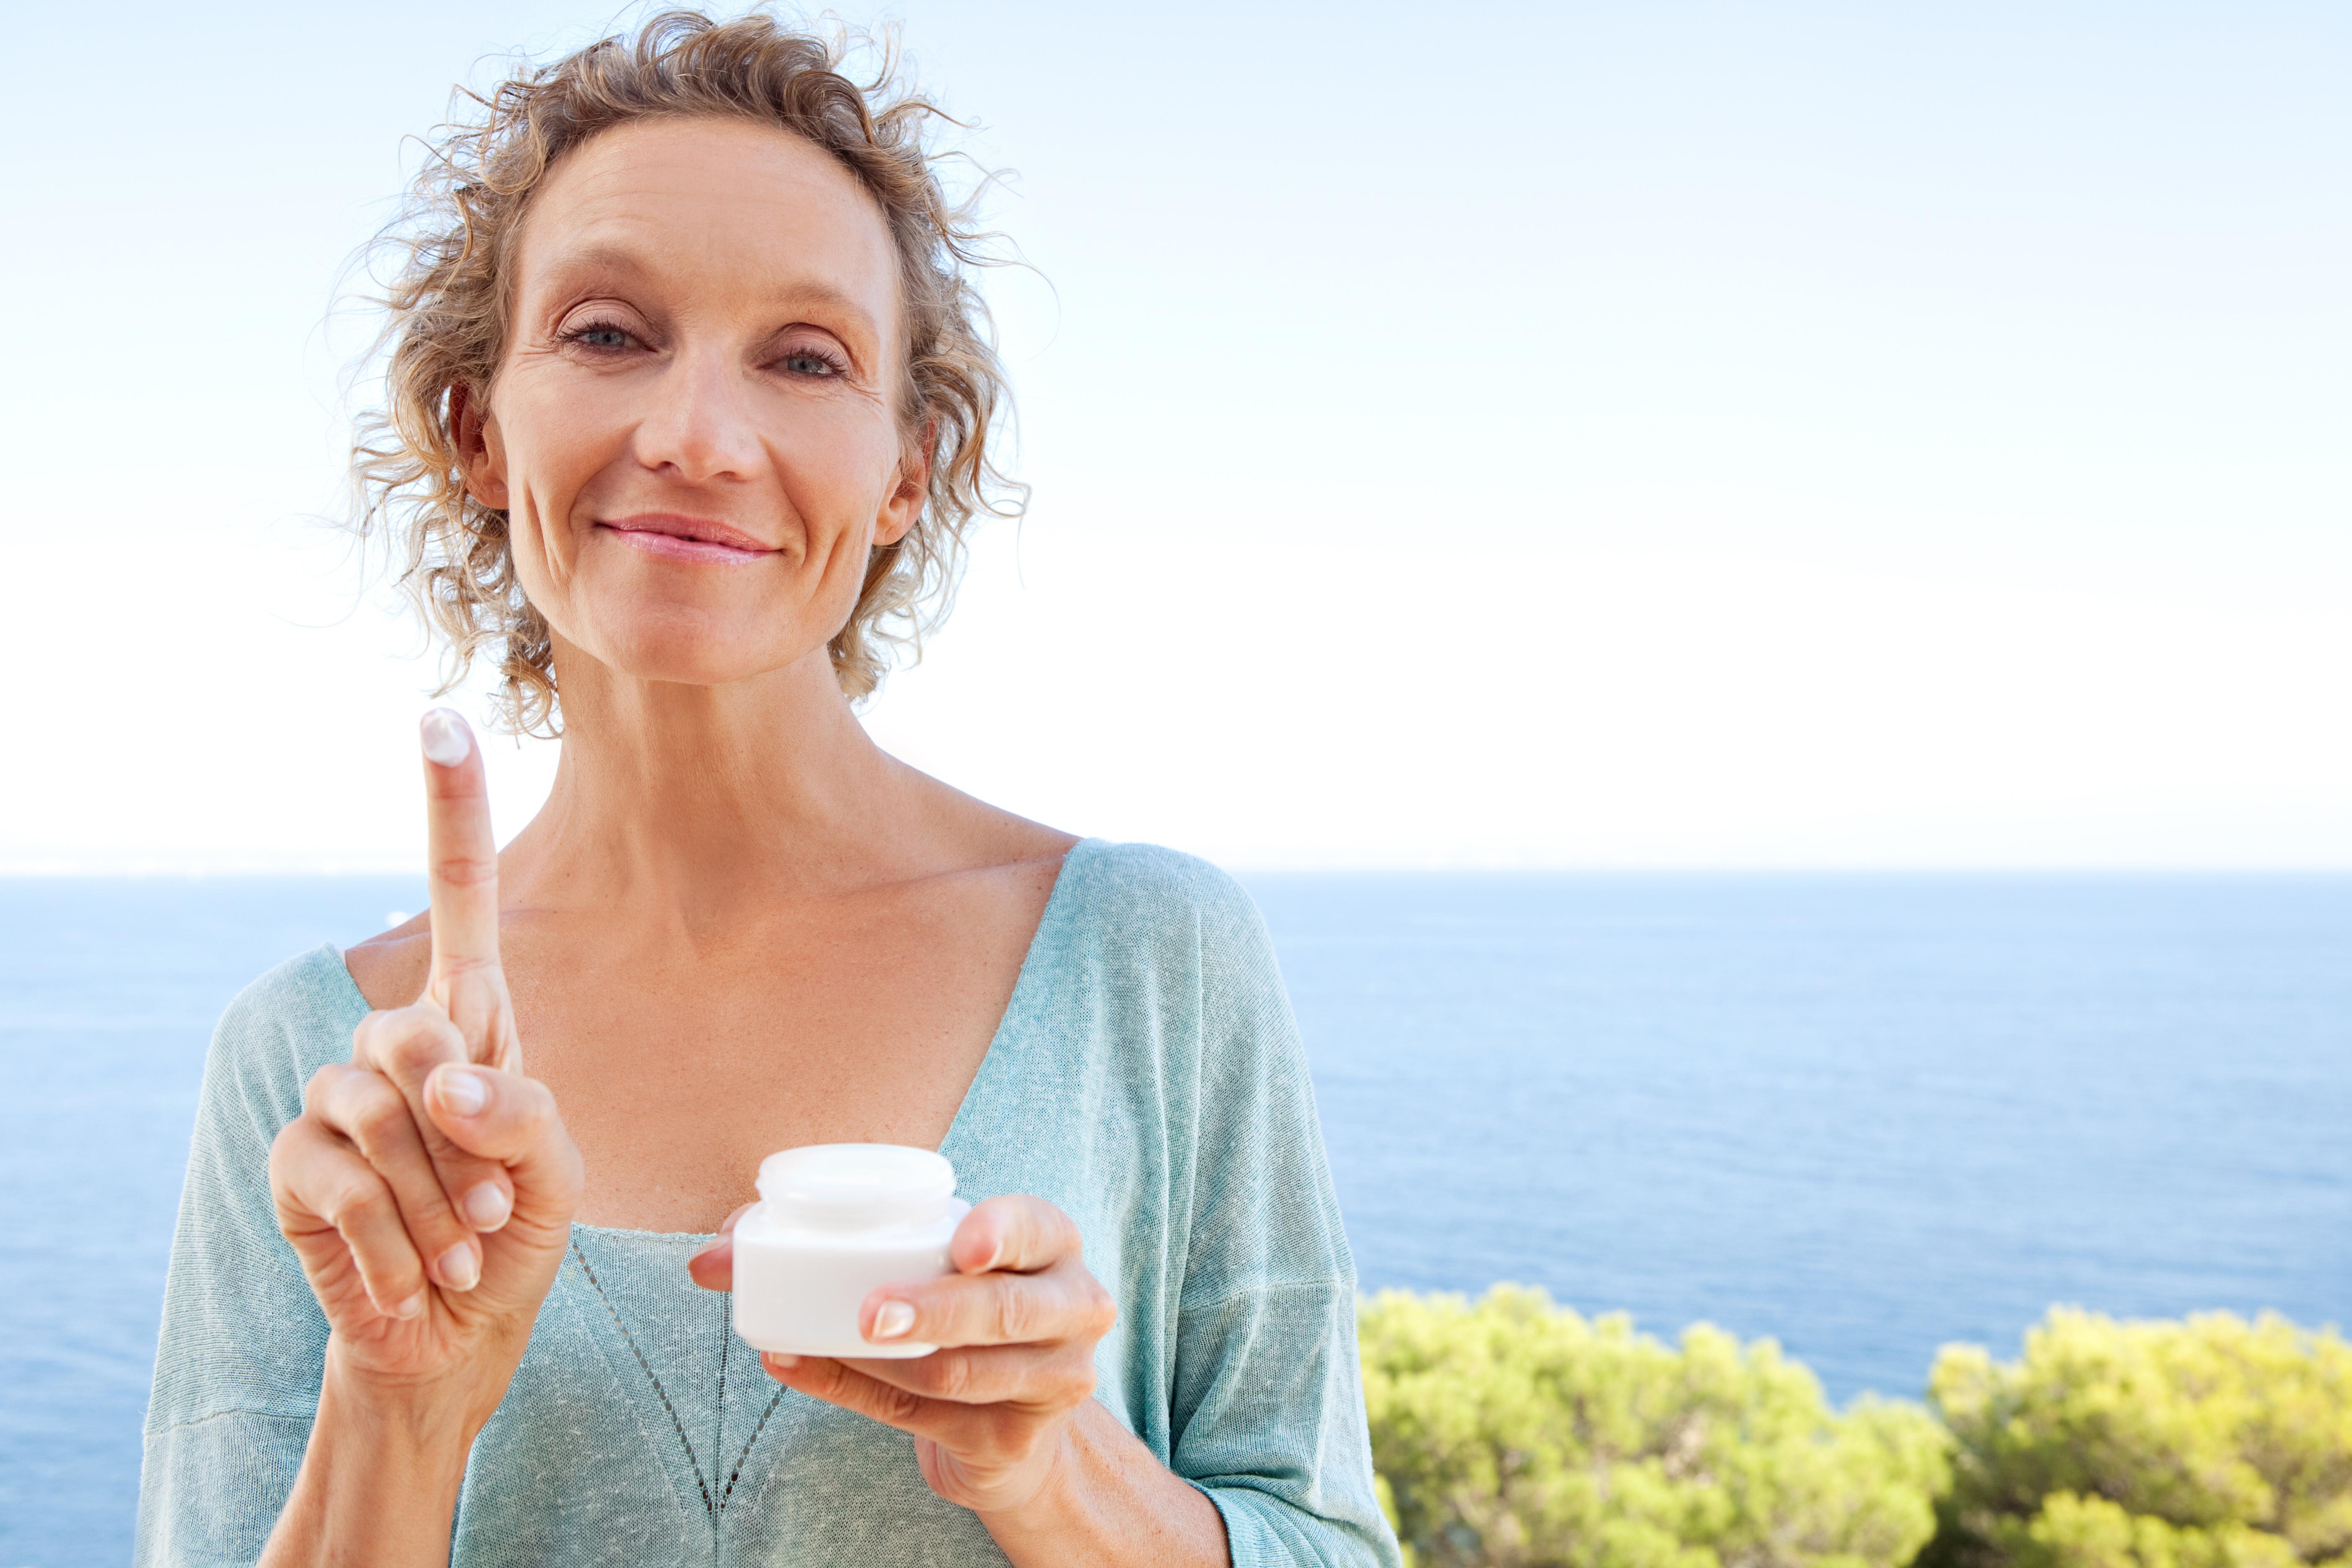 Klassiska tecken på att kroppen och huden blivit äldre är exempelvis åldersfläckar eller att huden är torr och mindre elastisk än tidigare.